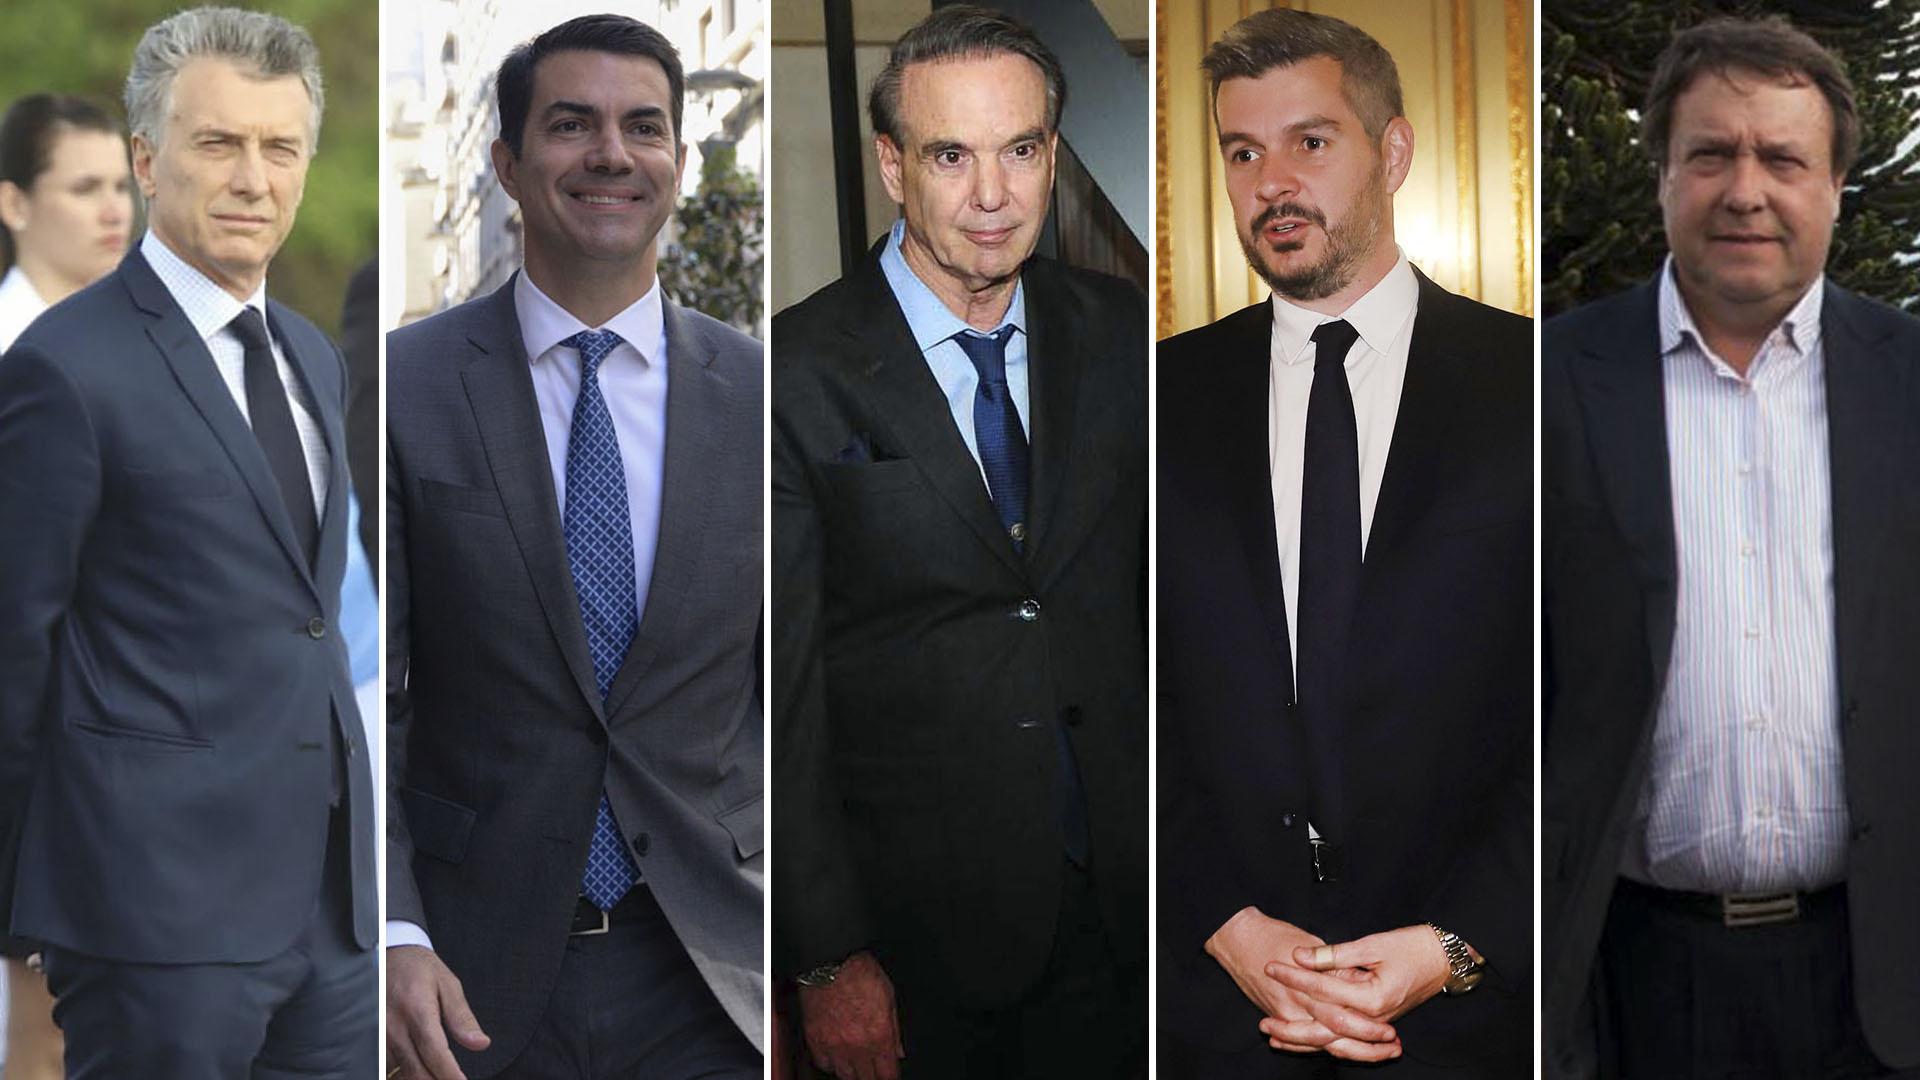 Mauricio Macri, Juan Manuel Urtubey, Miguel Ángel Pichetto, Marcos Peña y Alberto Weretilneck